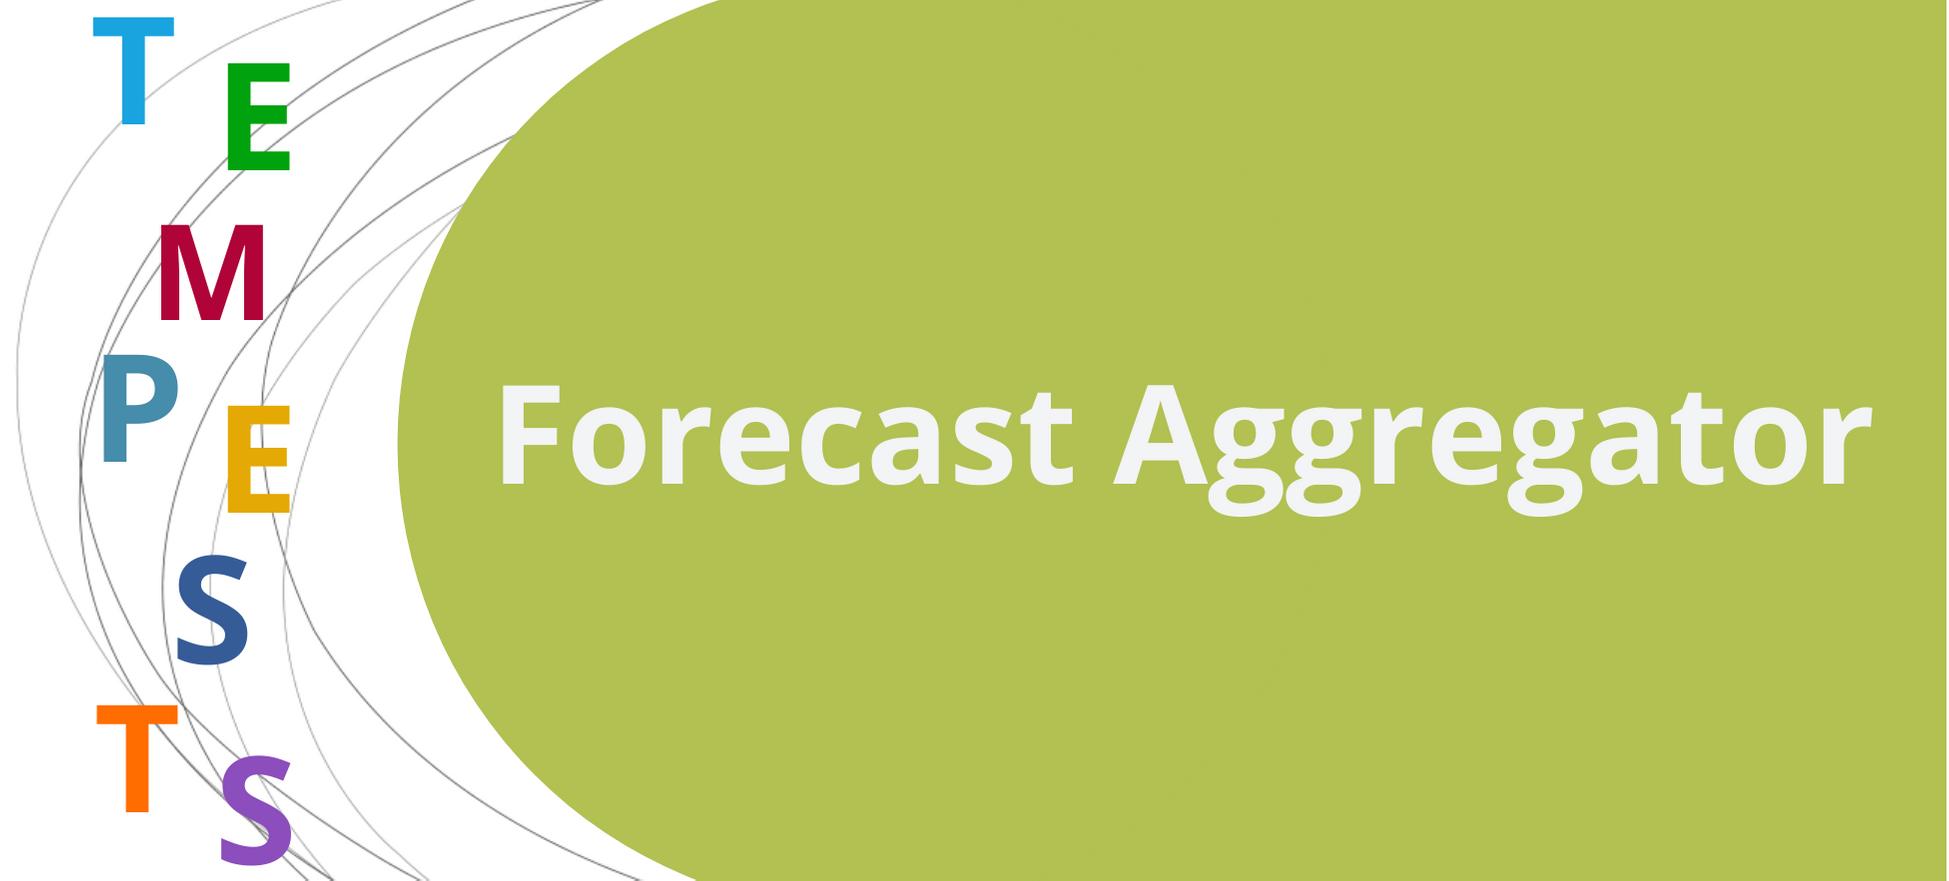 Forecast Aggregator